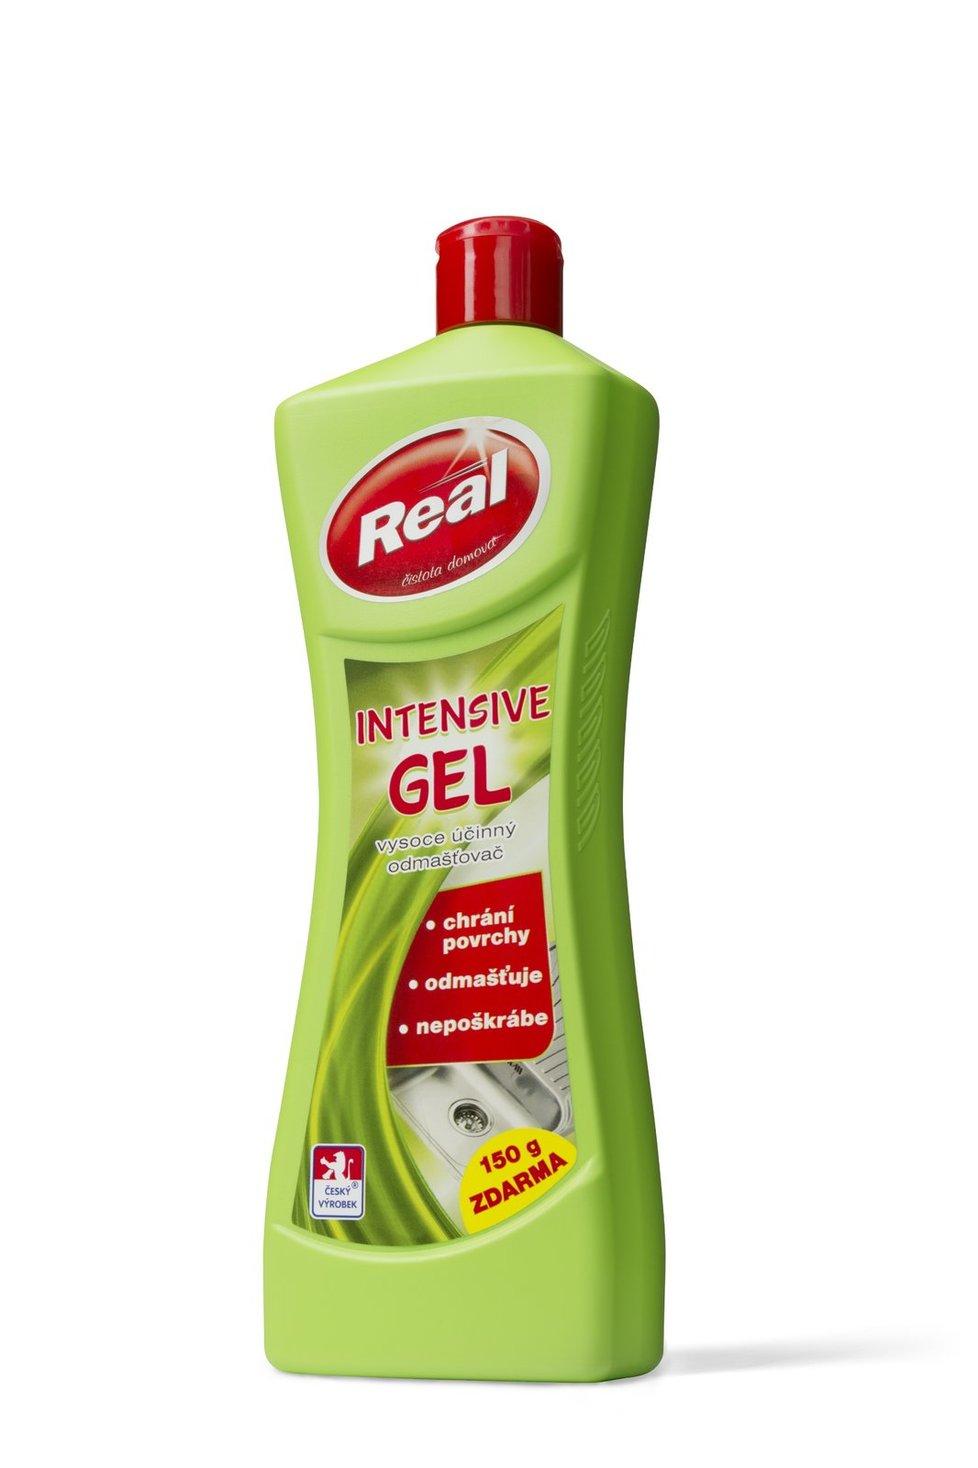 Real intensive gel se silným odmašťujícím účinkem. Zvládne vyčistit i podlahu t a hodí se i na plasty. Má gelovou konzistenci a příjemně voní po zeleném čaji a mátě.  41 Kč.